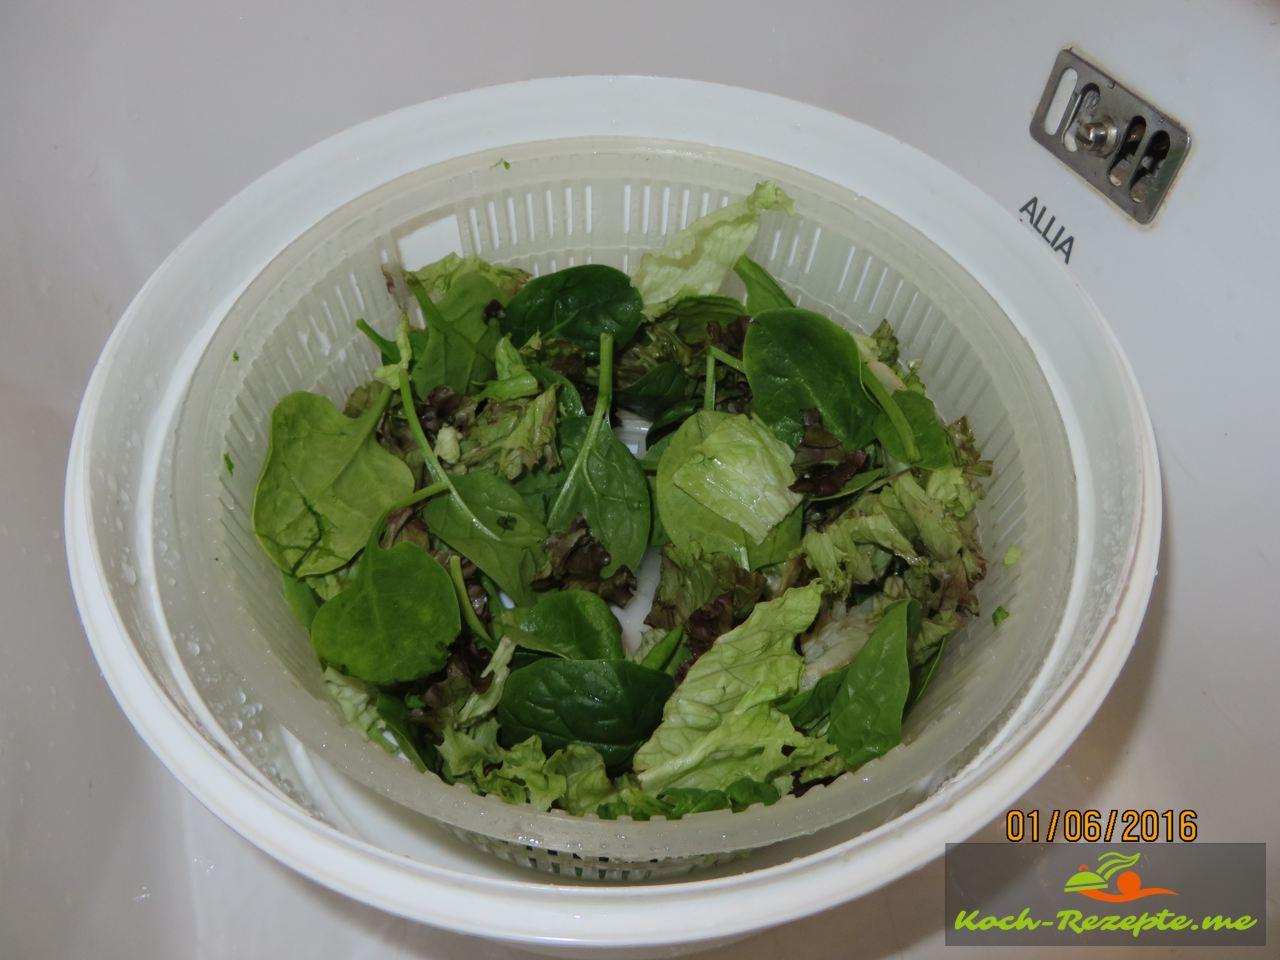 Gemischter Salat waschen und trocken schleudern